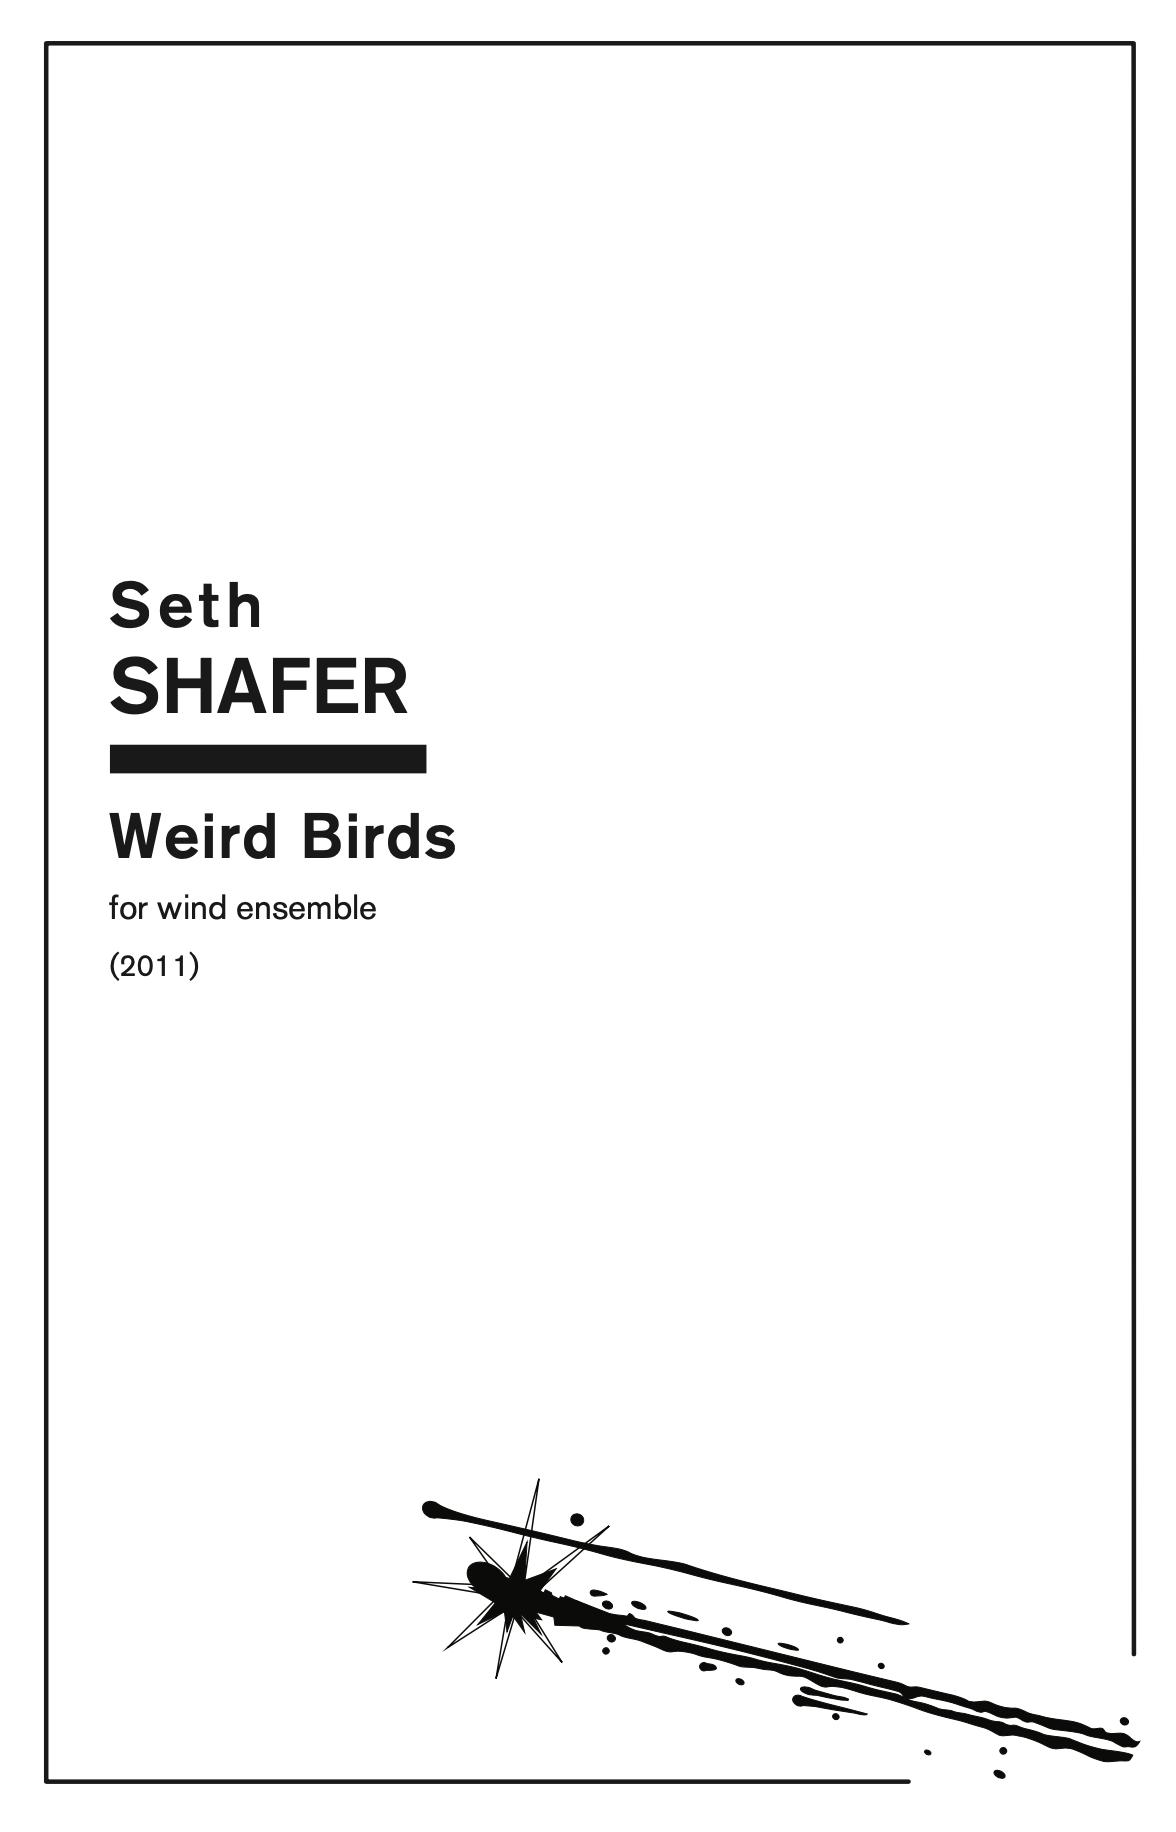 Weird Birds by Seth Shafer